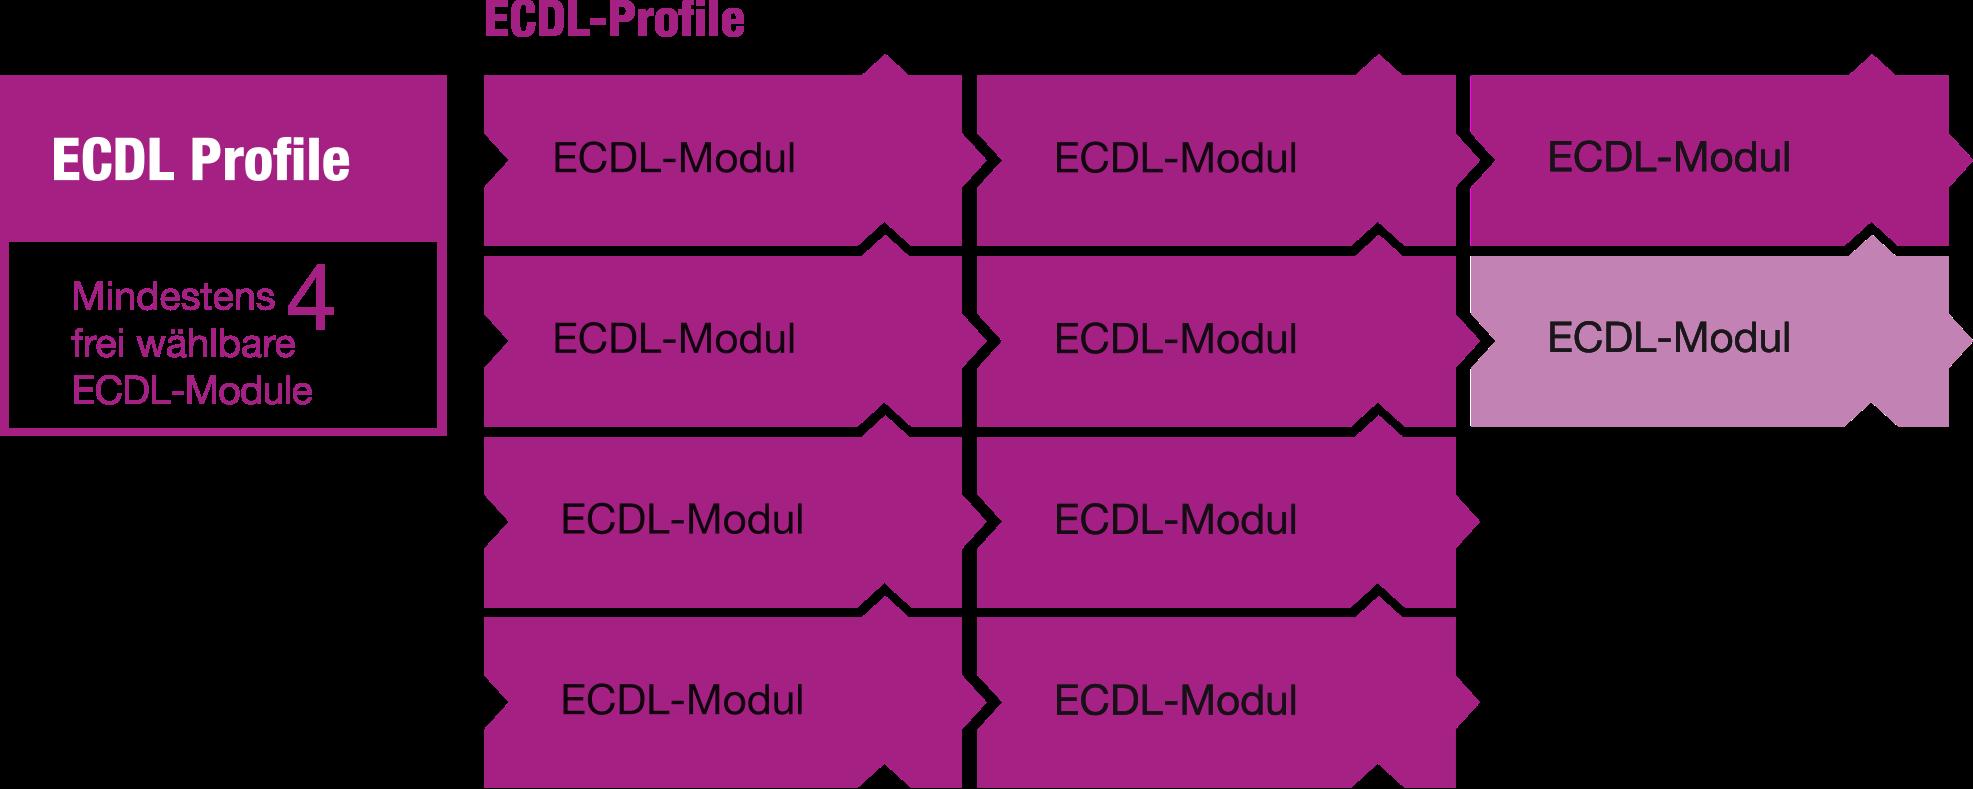 ECDL-Profile